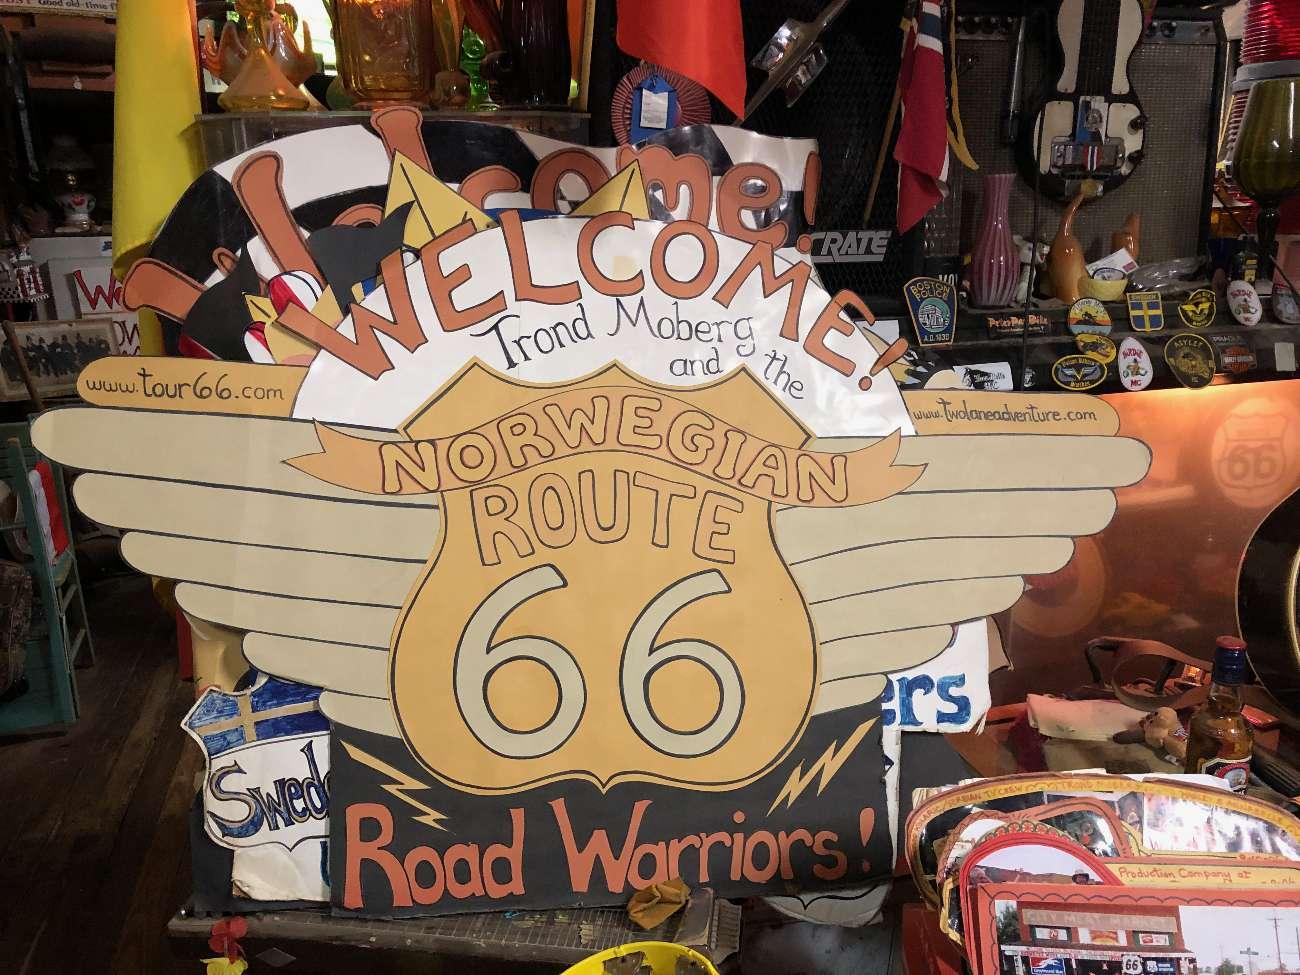 Grüße vom norwegischen Route-66-Fanclub in Erick Oklahoma bei Harvey Russell